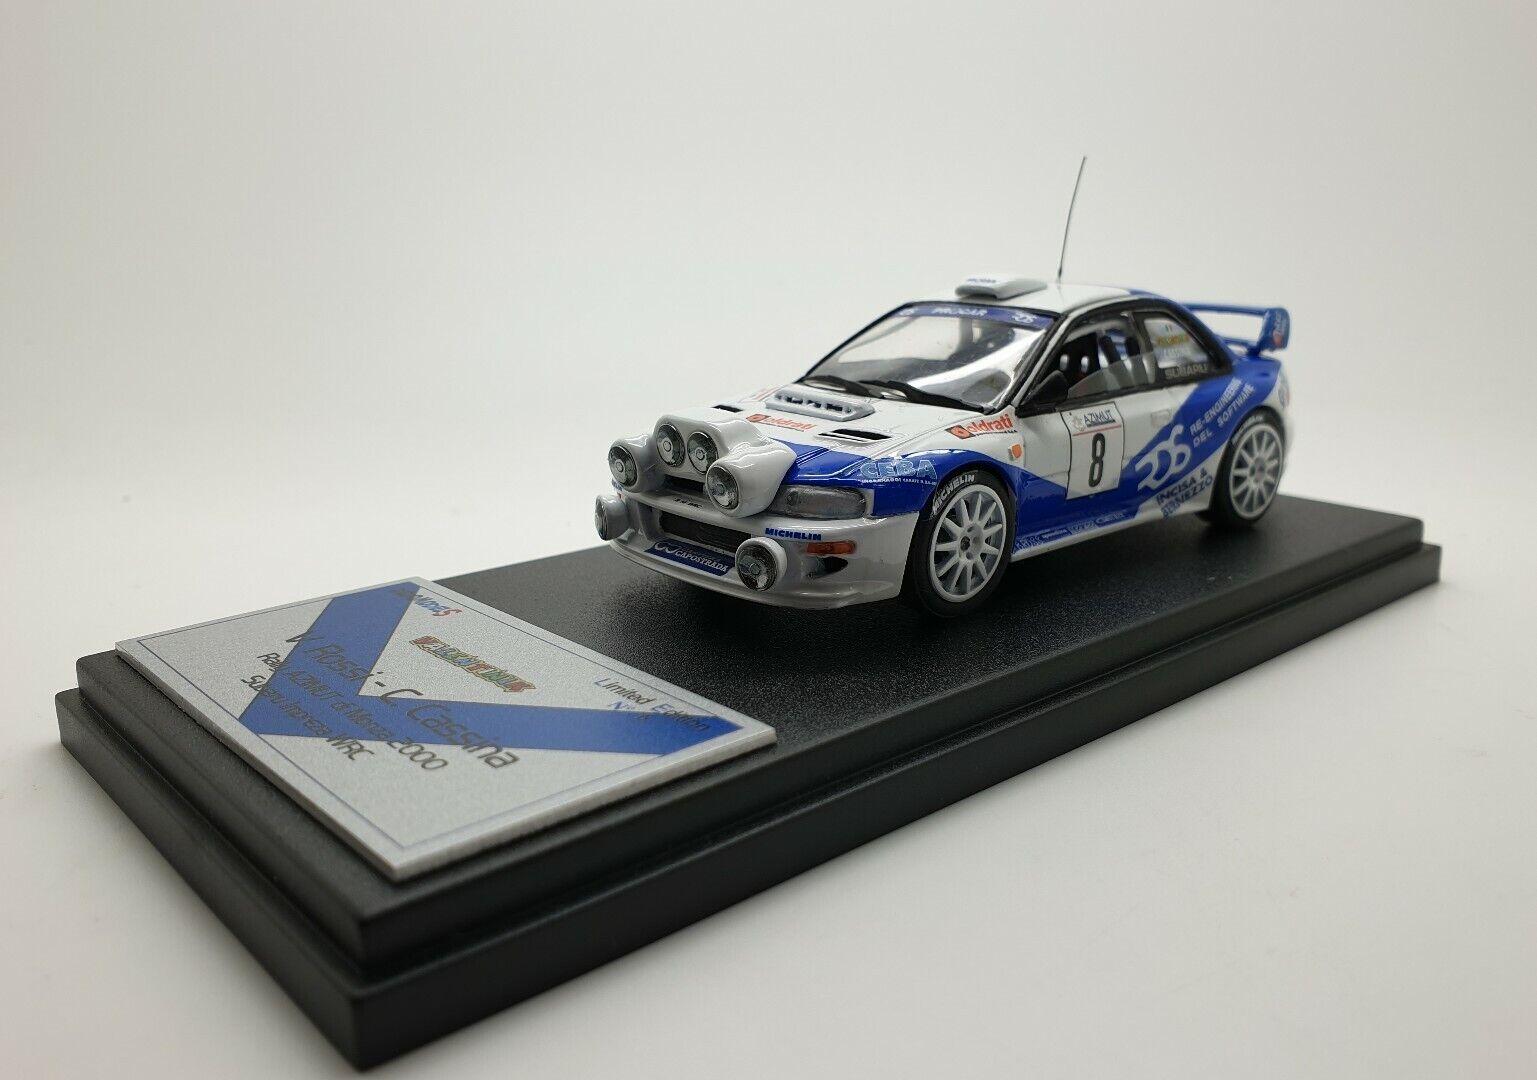 barato en alta calidad 1 1 1 43 Subaru Impreza WRC Valentino Rossi Cochelo Cassina Monza Rally 2000 numero 6  suministro directo de los fabricantes